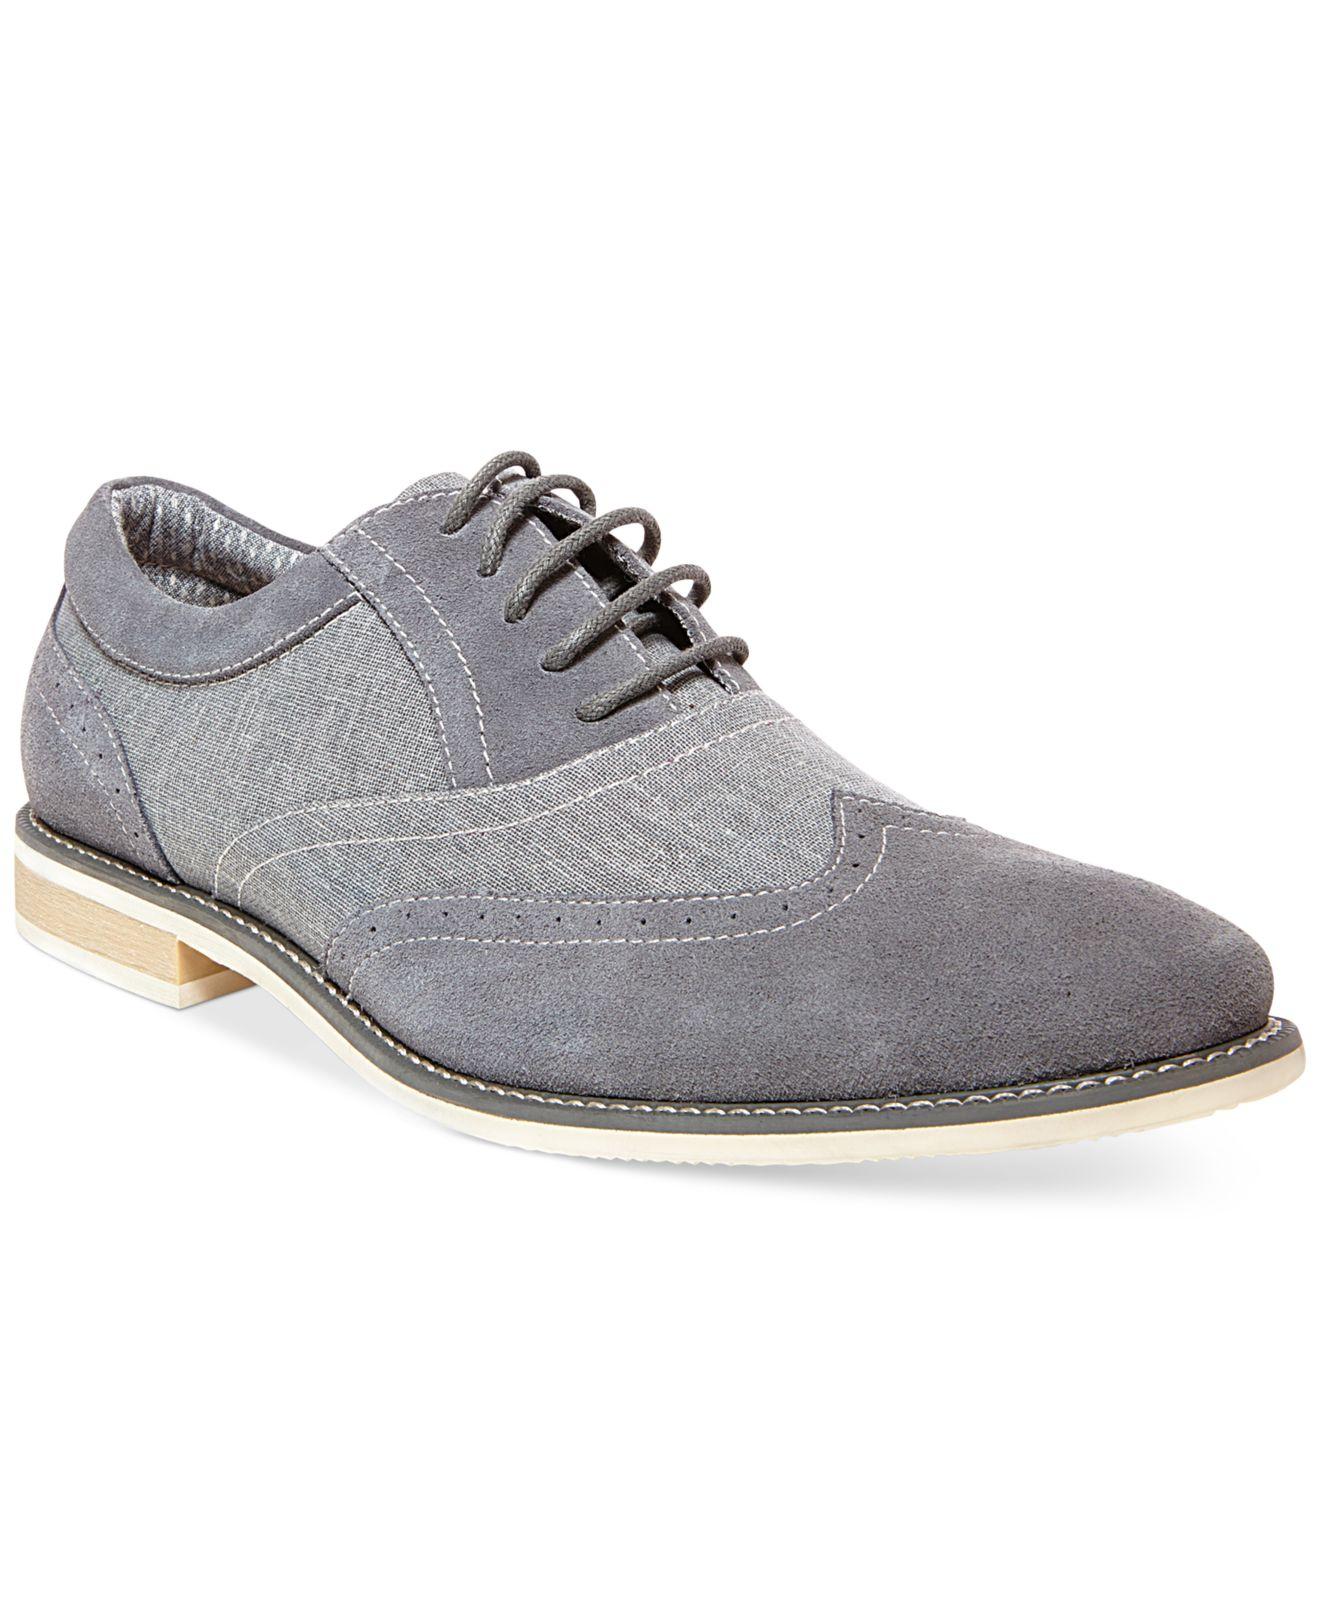 steve madden samson2 wing tip dress shoes in gray for